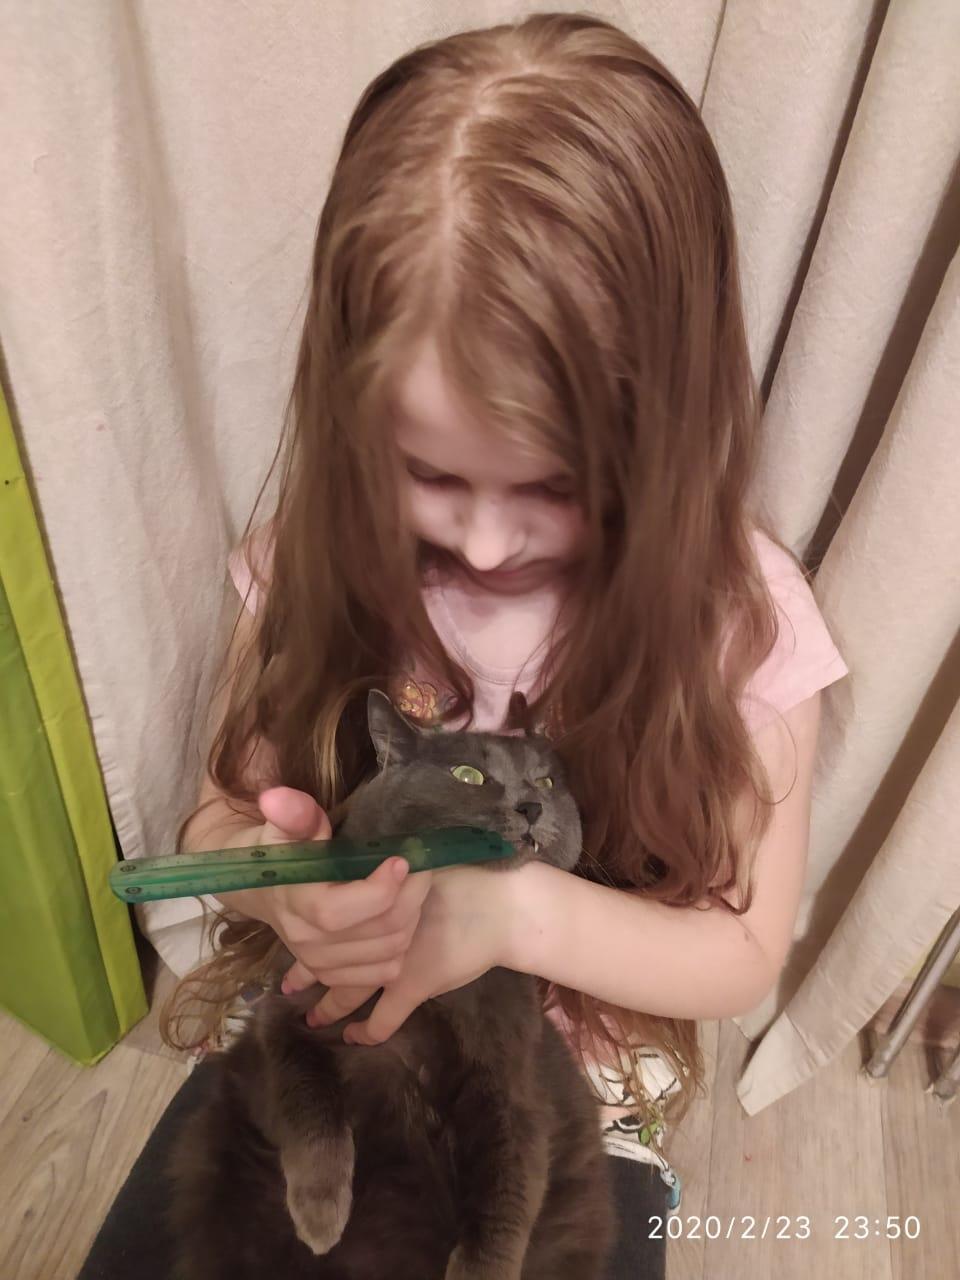 Фото «Чешите меня полностью»: как пятая «Главная кошка Новосибирска» занимается научной деятельностью и читает газеты 6